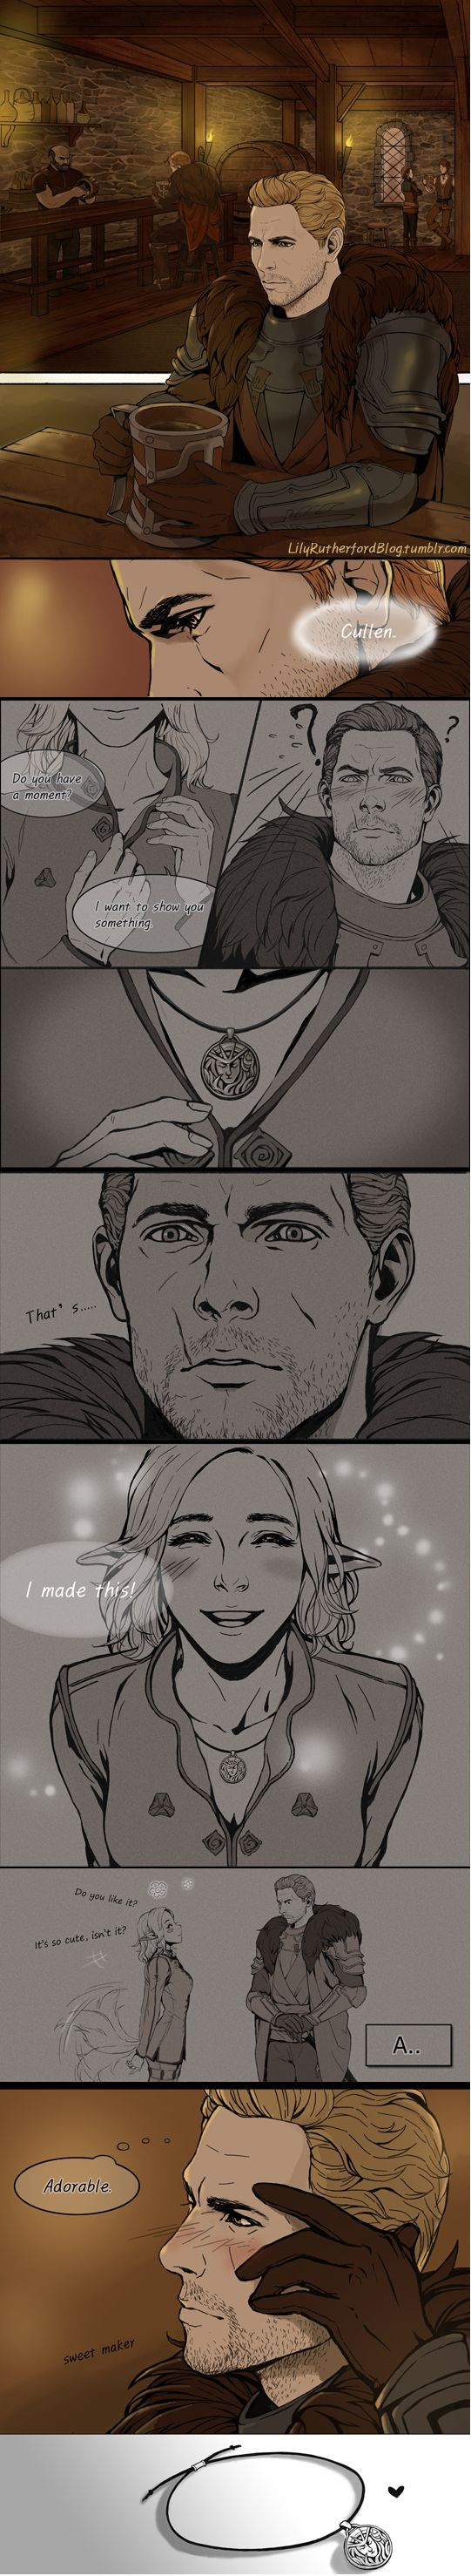 Cullen & Inquisitor - He's got it bad. #HelloCommander